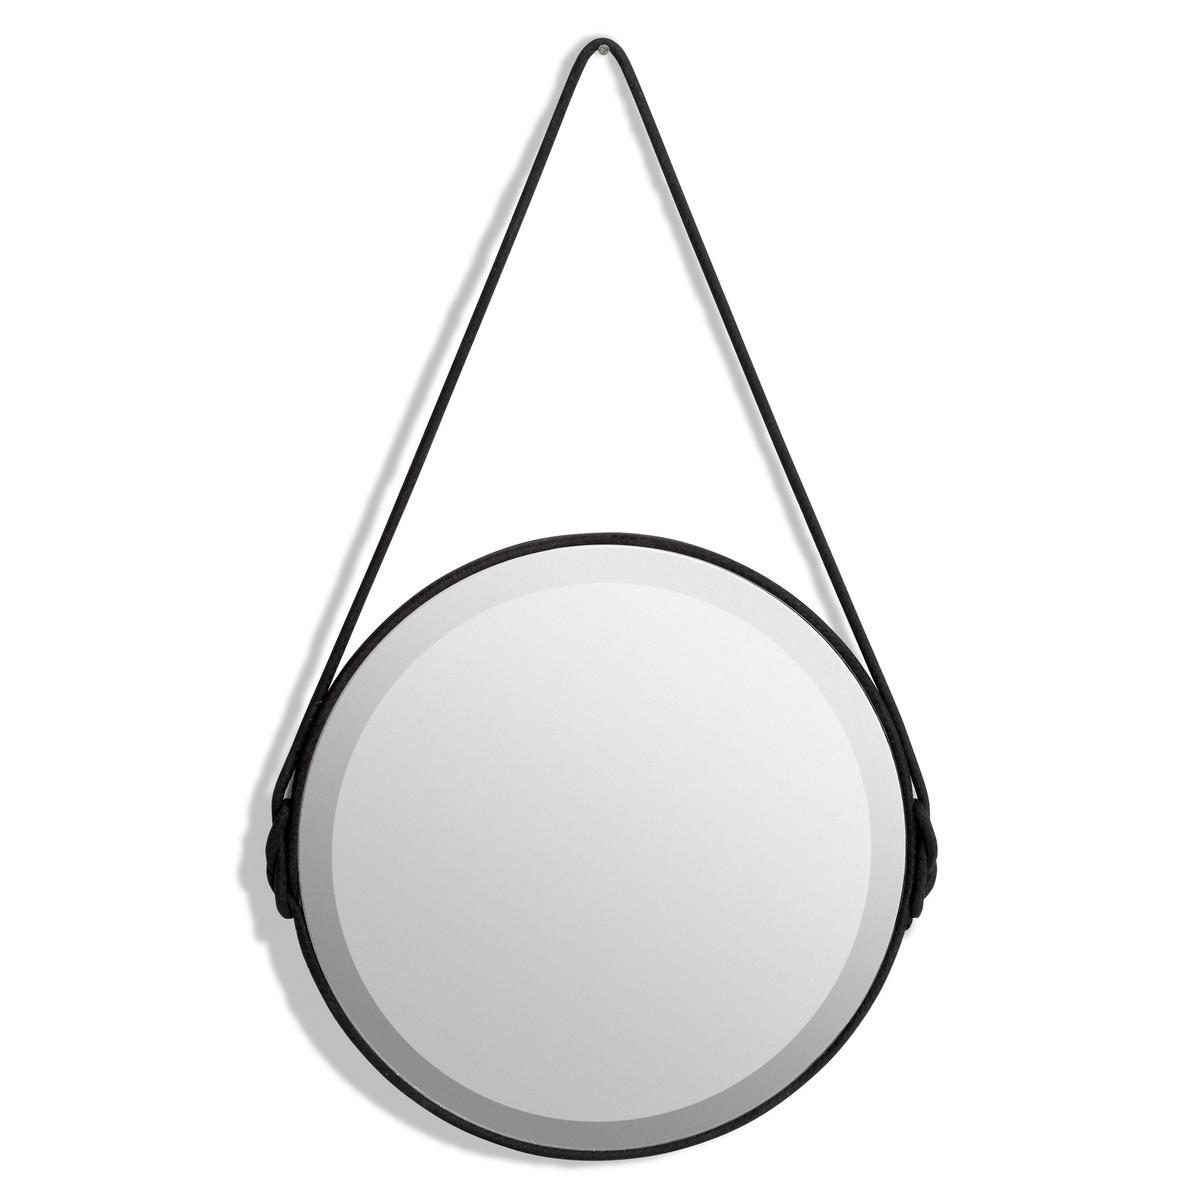 Зеркало Lien, диаметр 50 смЗеркало Lien с эффектом гранения. Игра света наполнит интерьер сиянием !Характеристики :- Отделка хлопковым шнуром по всей окружности и для фиксации на стене.- Оборотная сторона из МДФ.Размеры :- Диаметр 50 x высота 85,5 см. - Зеркало, диаметр 50 см<br><br>Цвет: черный